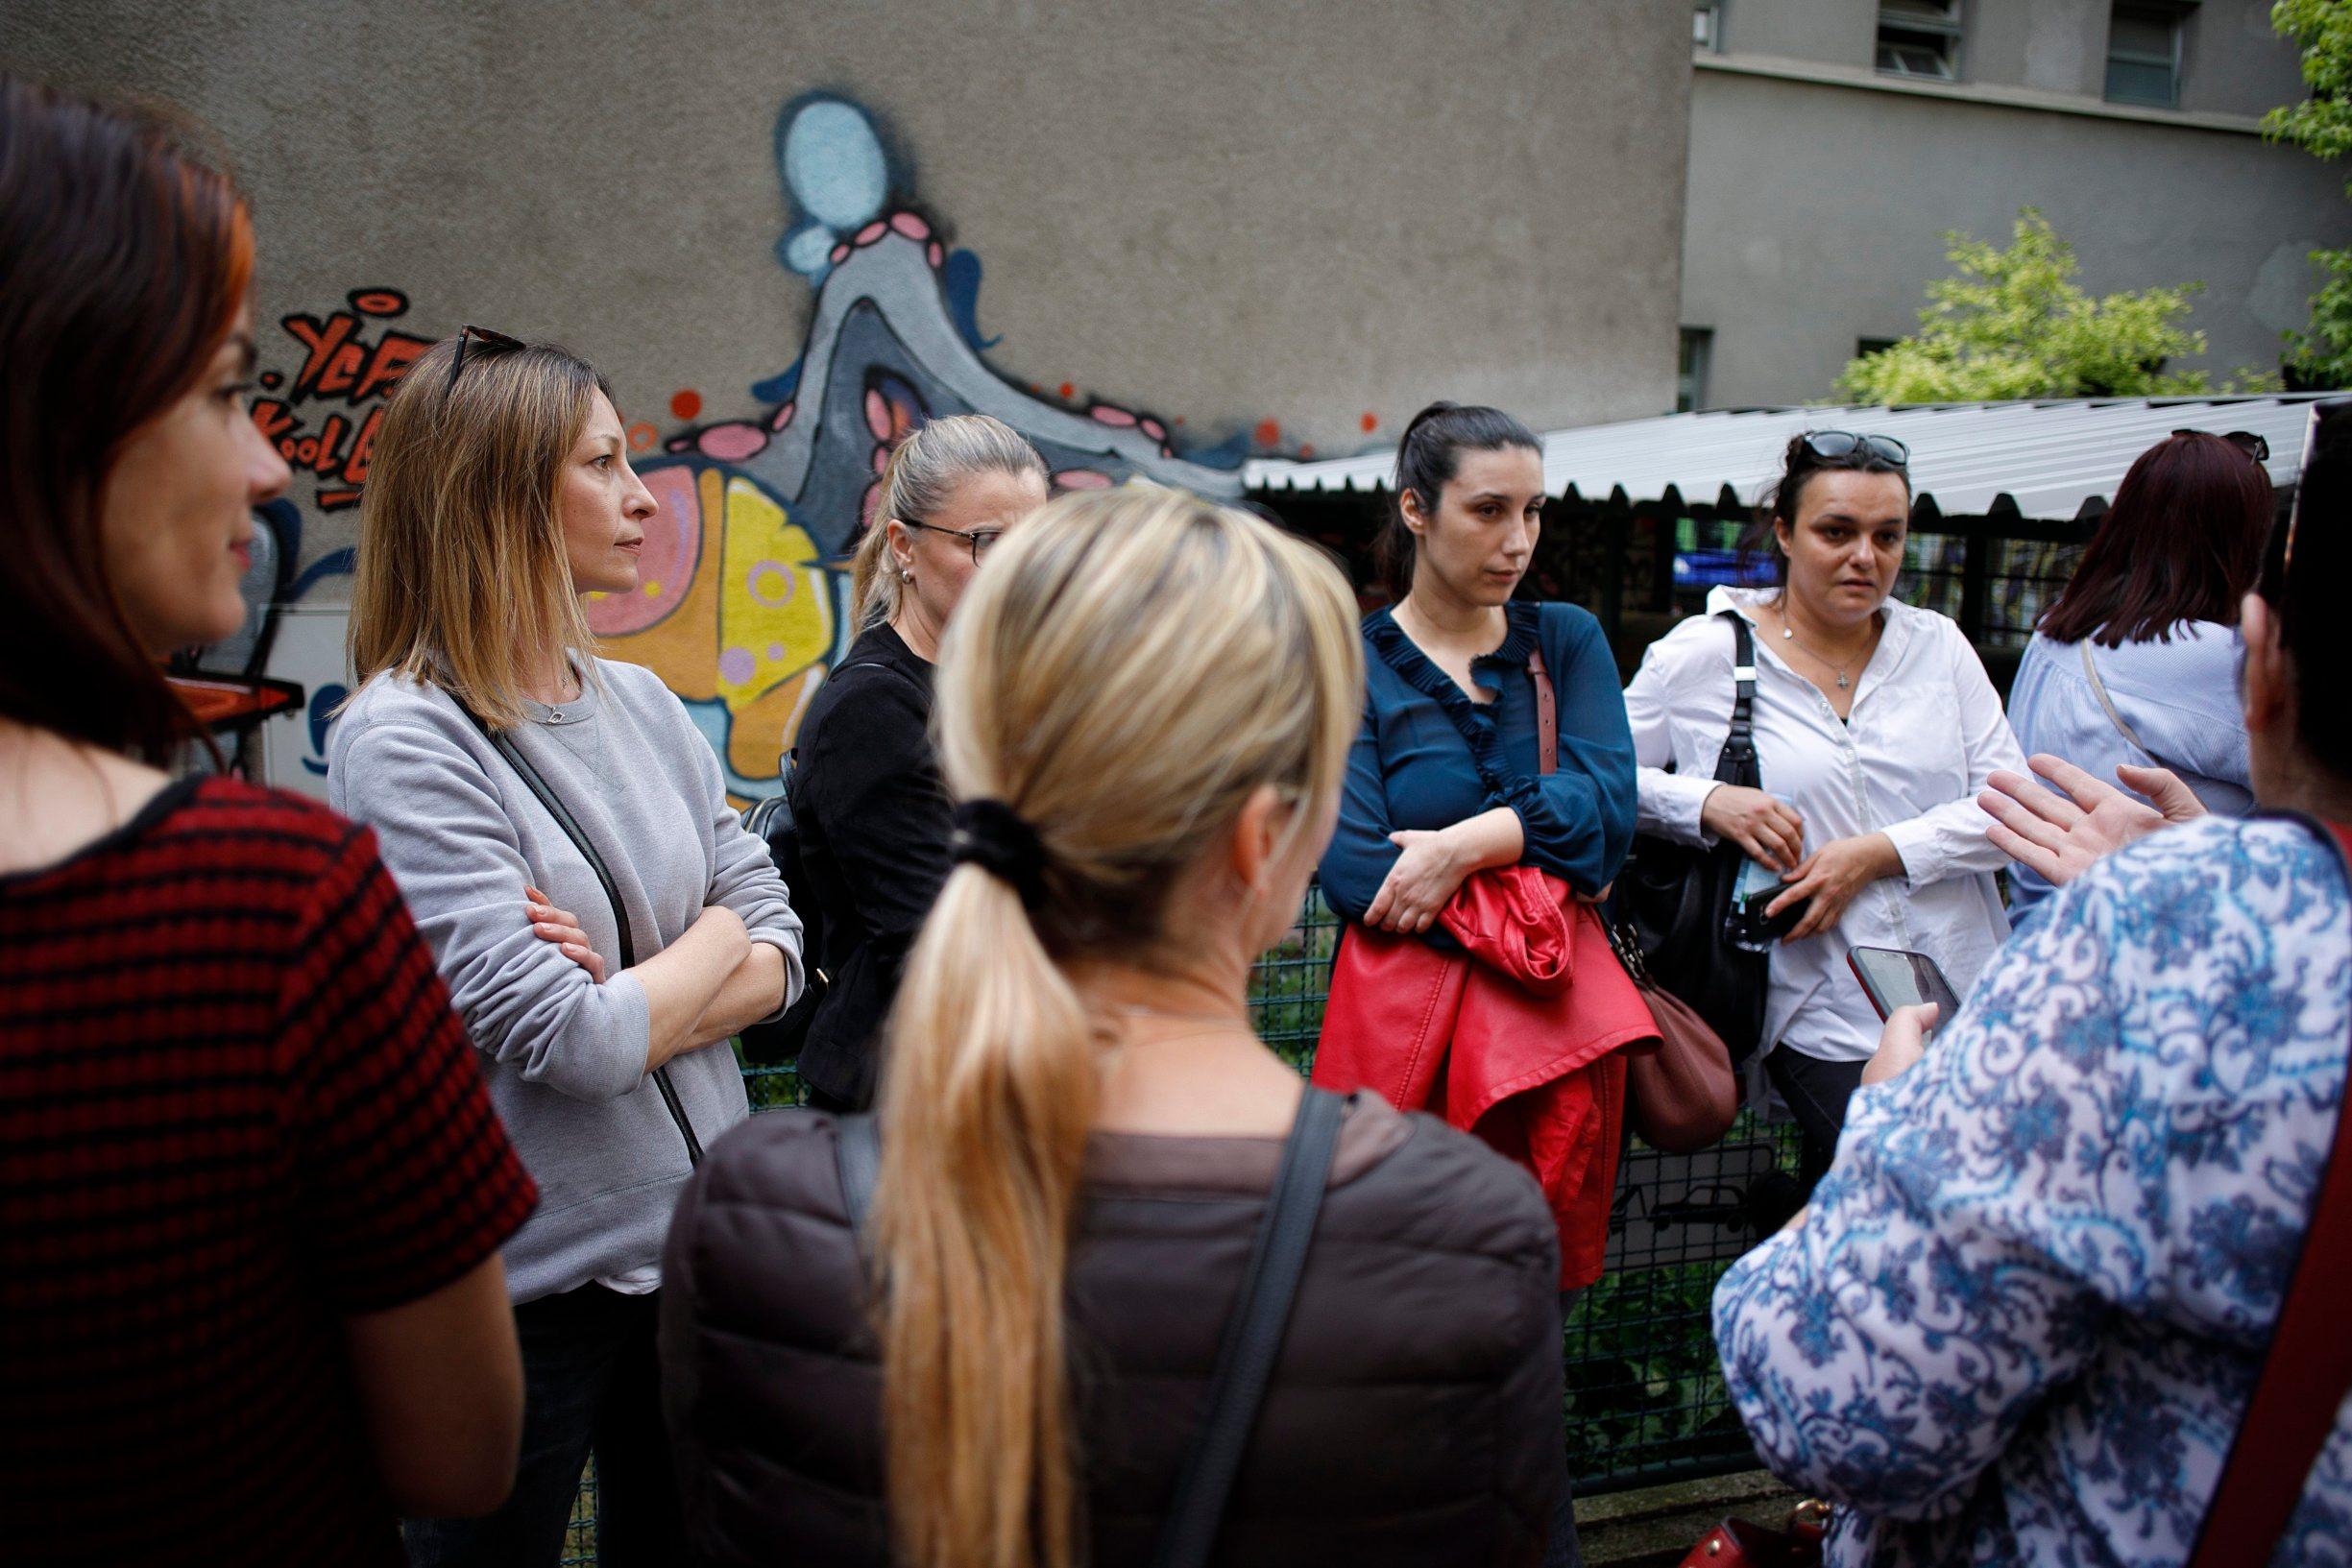 Zagreb, 280520. Prosvjed roditelja ucenika OS Petar Zrinski u Krajiskoj ulici, cija su djeca zbog potresa premjestena u skolu u Sopotu. Na fotografiji: roditelji ispred skole. Foto: Dragan Matic / CROPIX